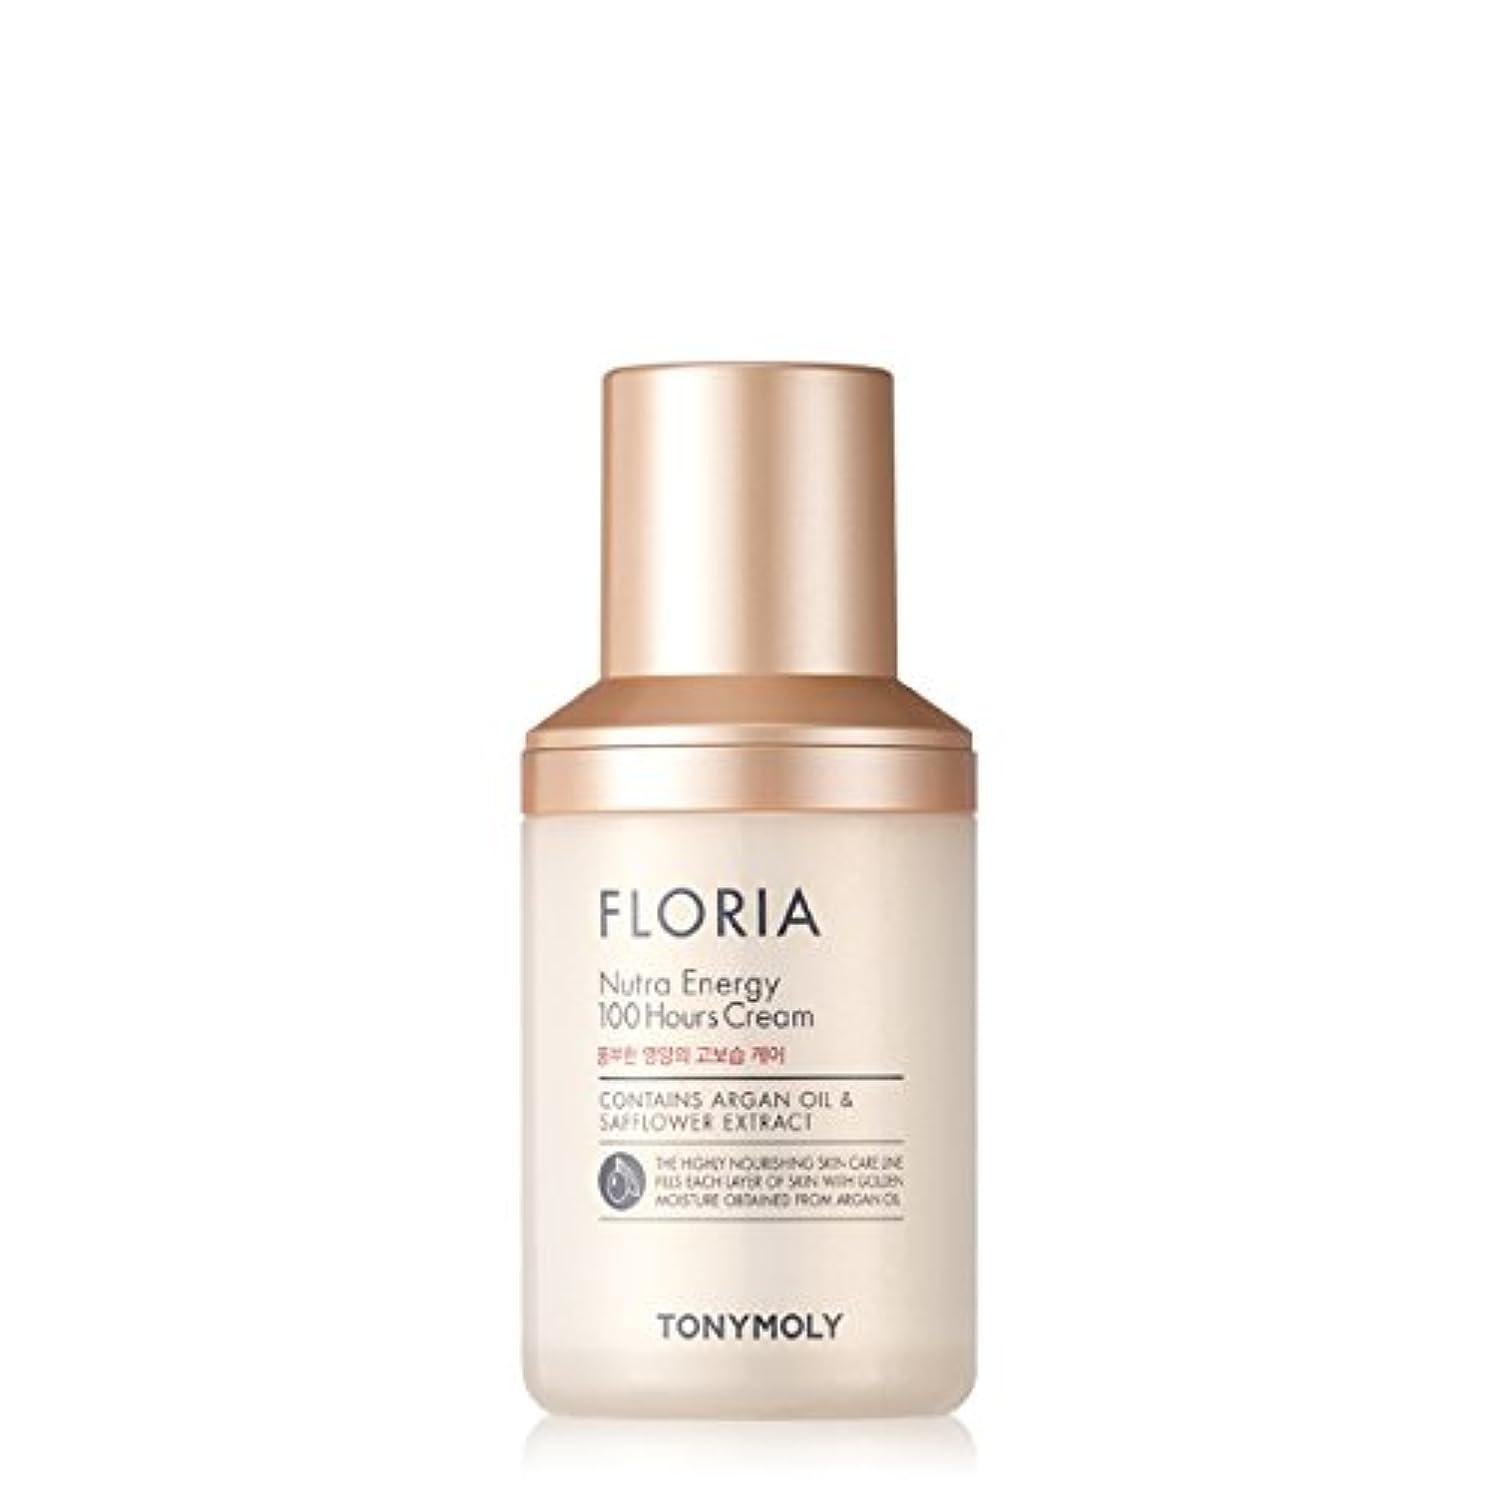 海玉ねぎ家事[NEW] TONY MOLY Floria Nutra energy 100 hours Cream 50ml トニーモリー フローリア ニュートラ エナジー 100時間 クリーム 50ml [並行輸入品]